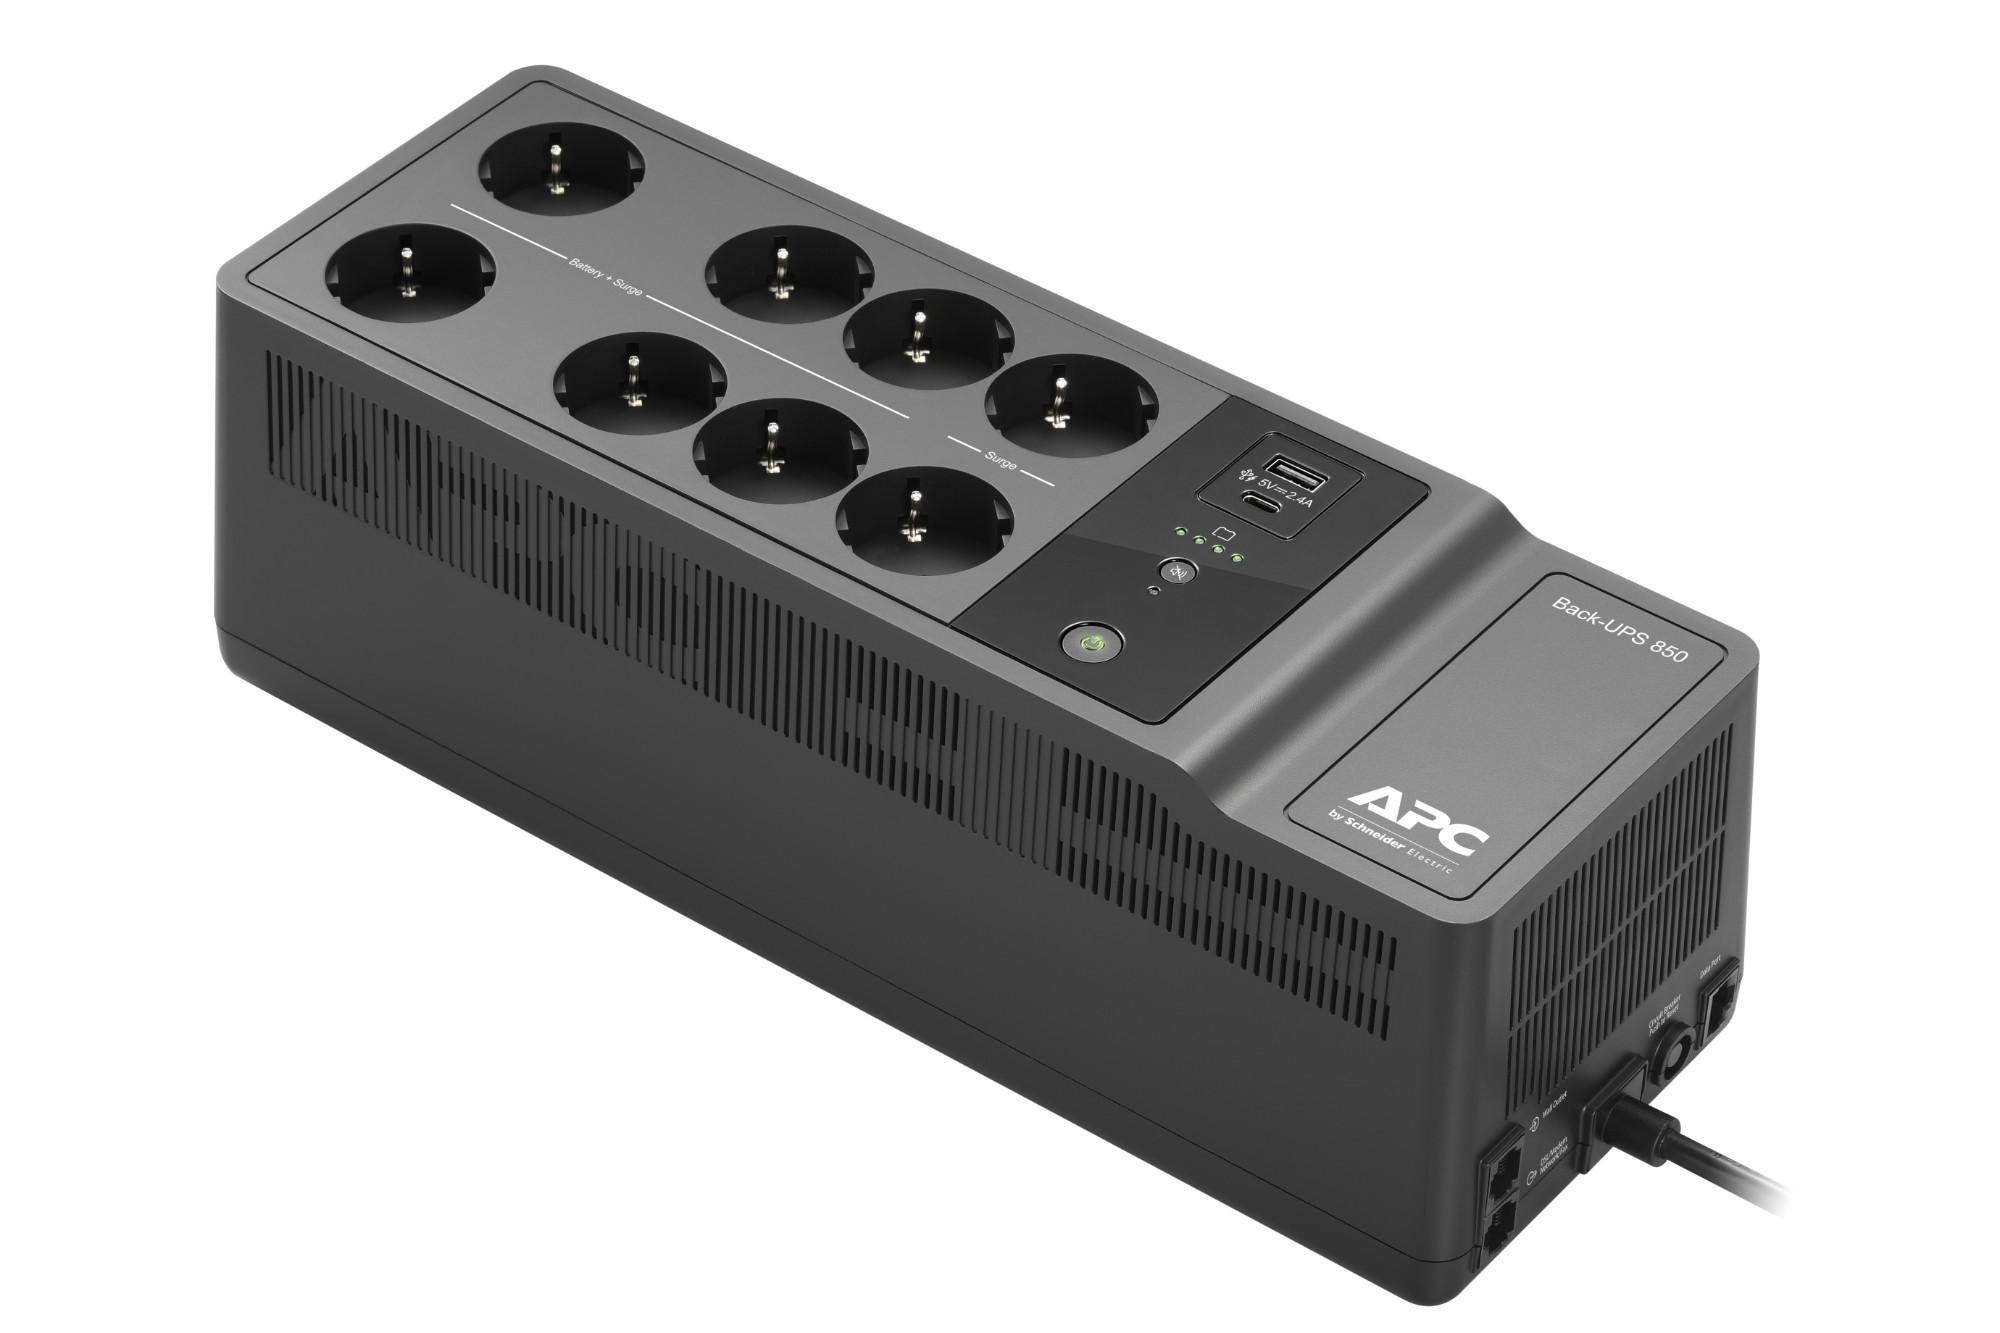 APC BE850G2-GR sistema de alimentación ininterrumpida (UPS) En espera (Fuera de línea) o Standby (Offline) 850 VA 520 W 8 salidas AC